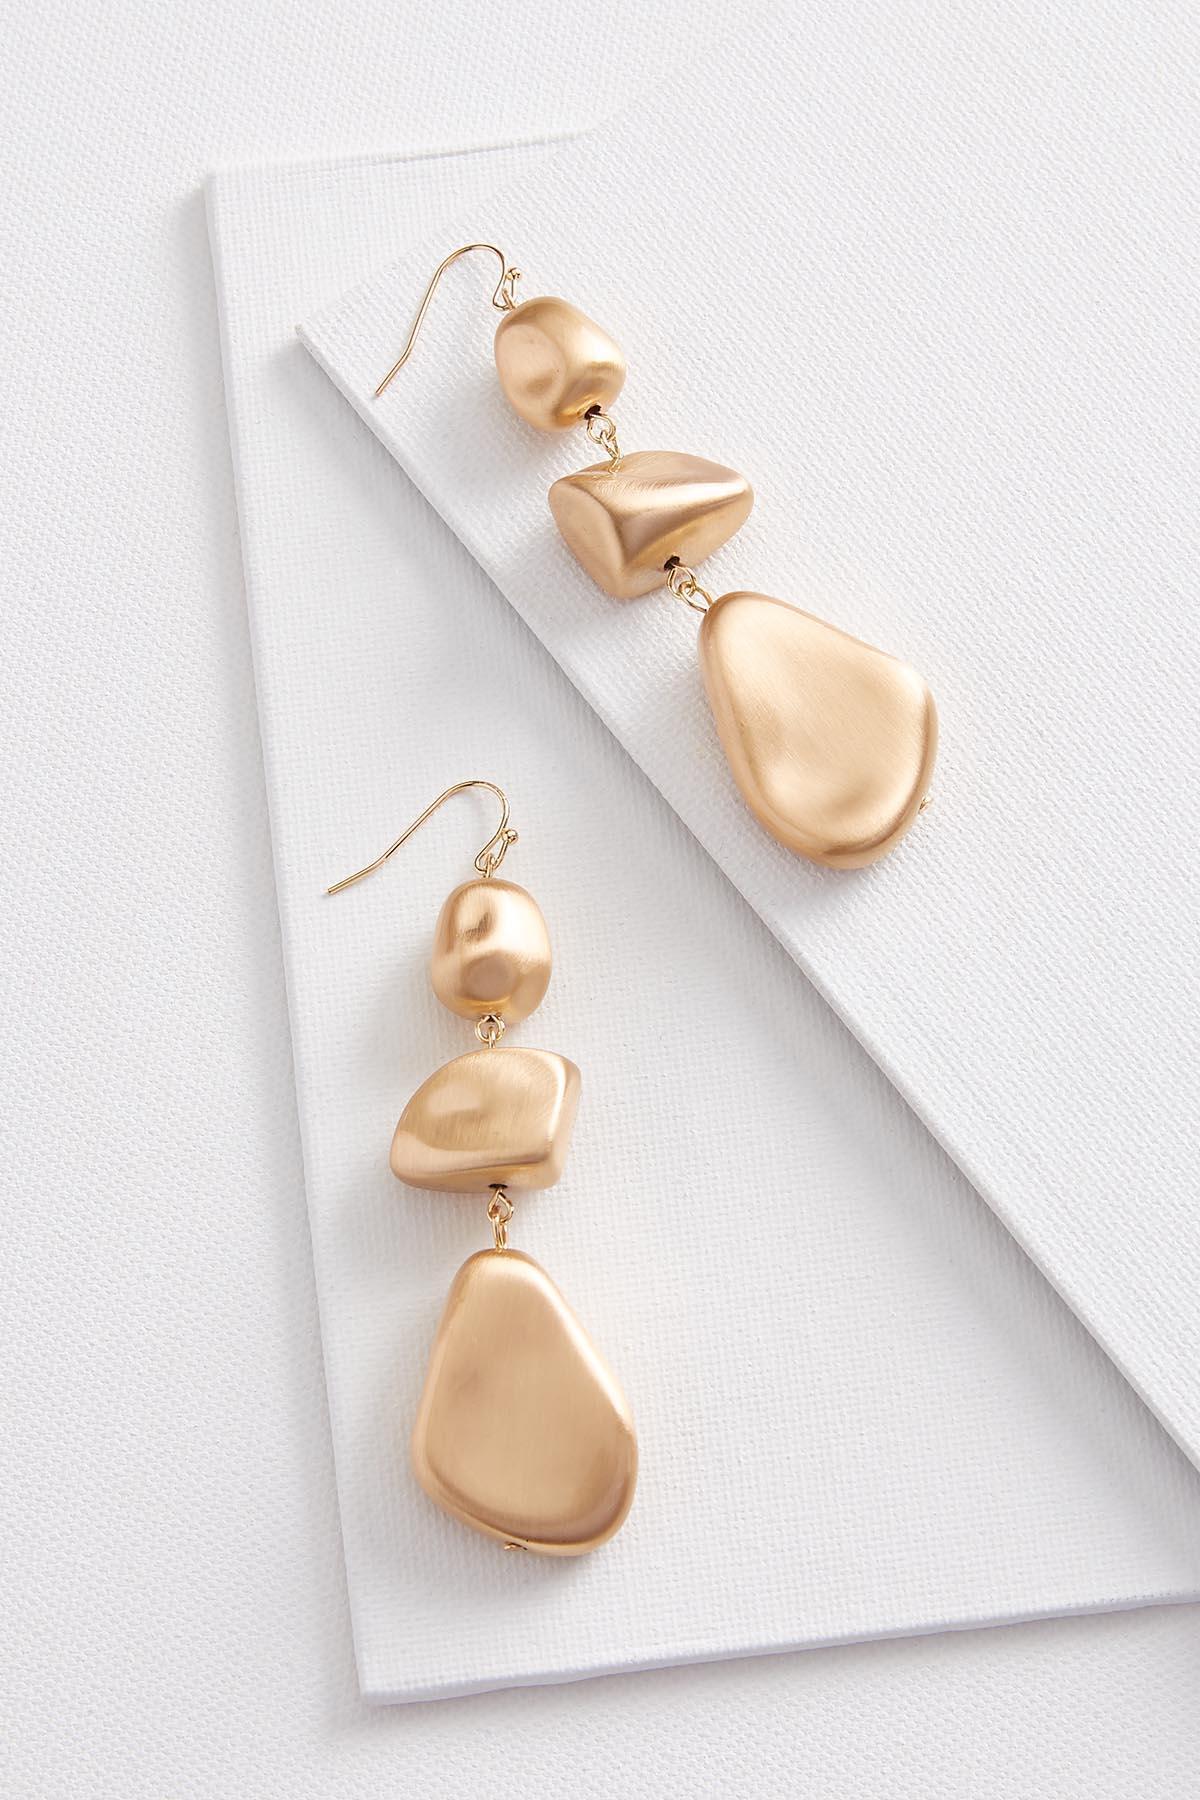 Natural Beauty Earrings